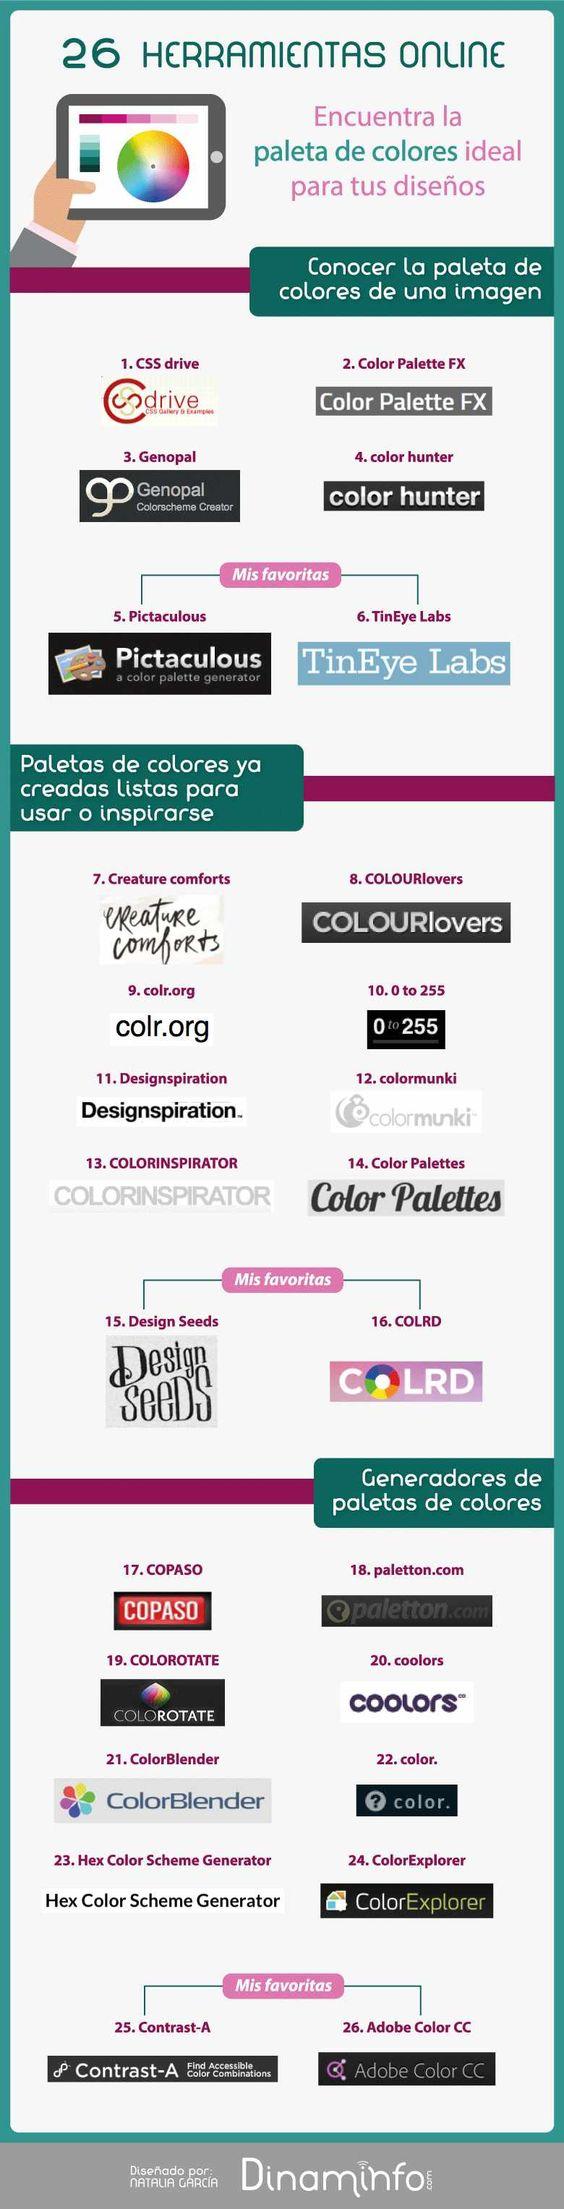 16 herramientas online para elegir la mejor Paleta de Colores #infografia #infographic #design | TICs y Formación